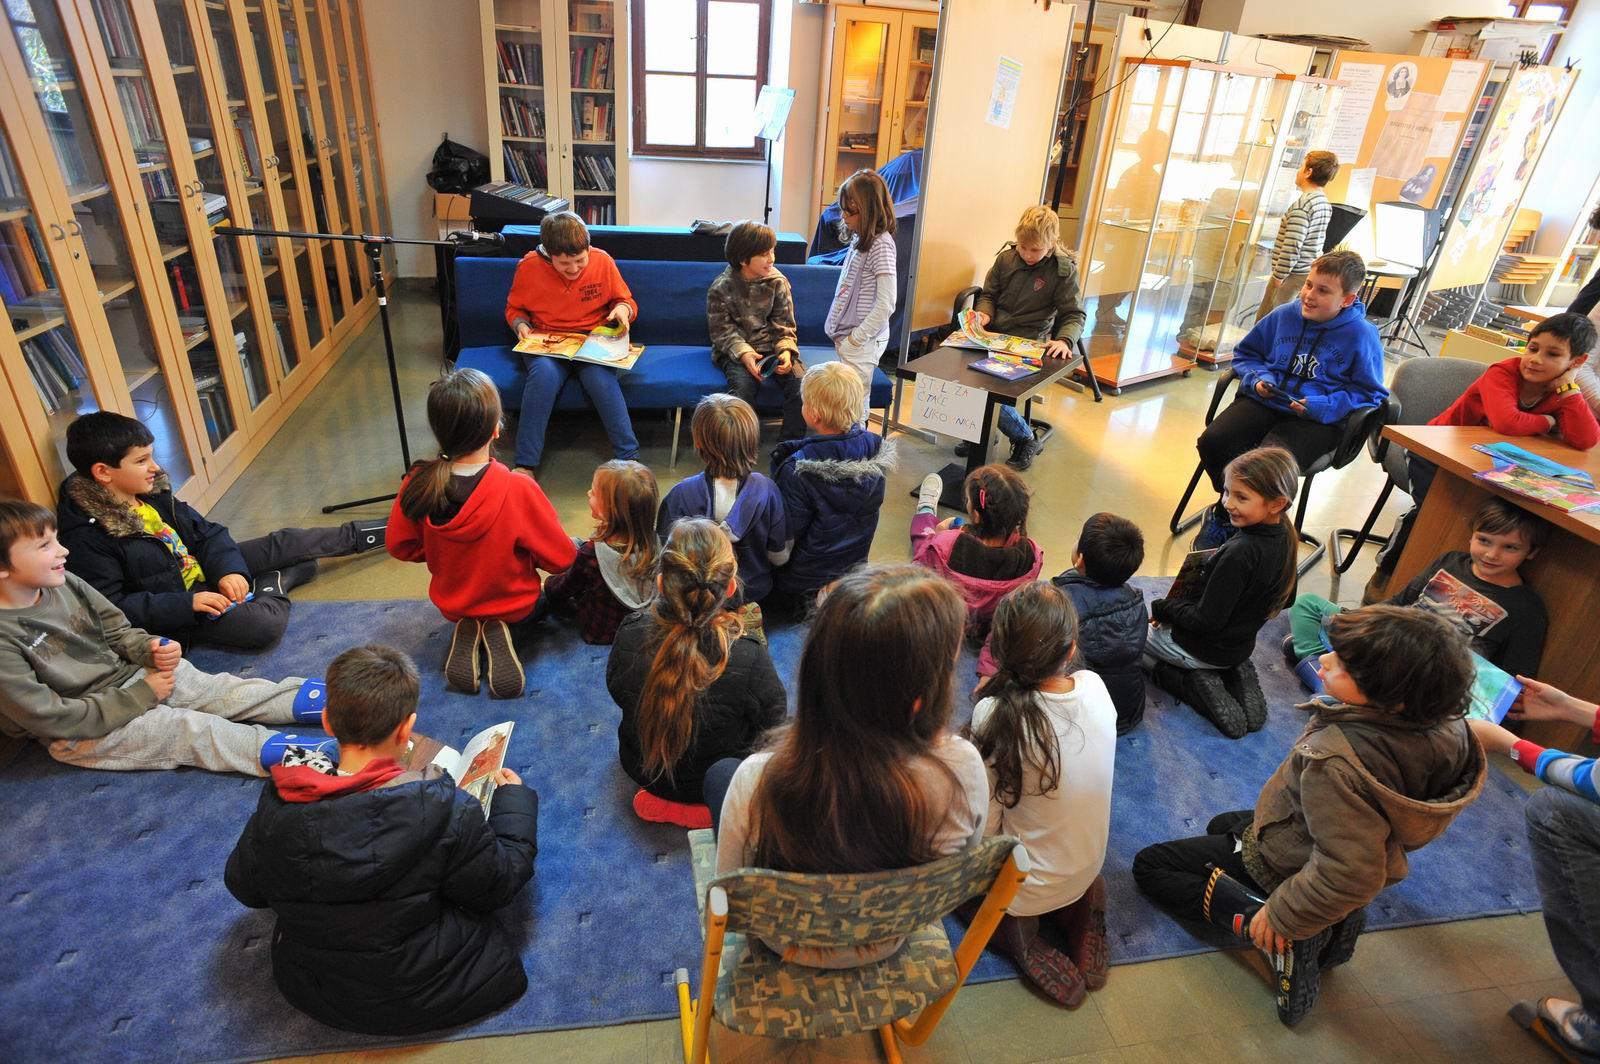 Čitanje priča na Danu darivanja knjiga